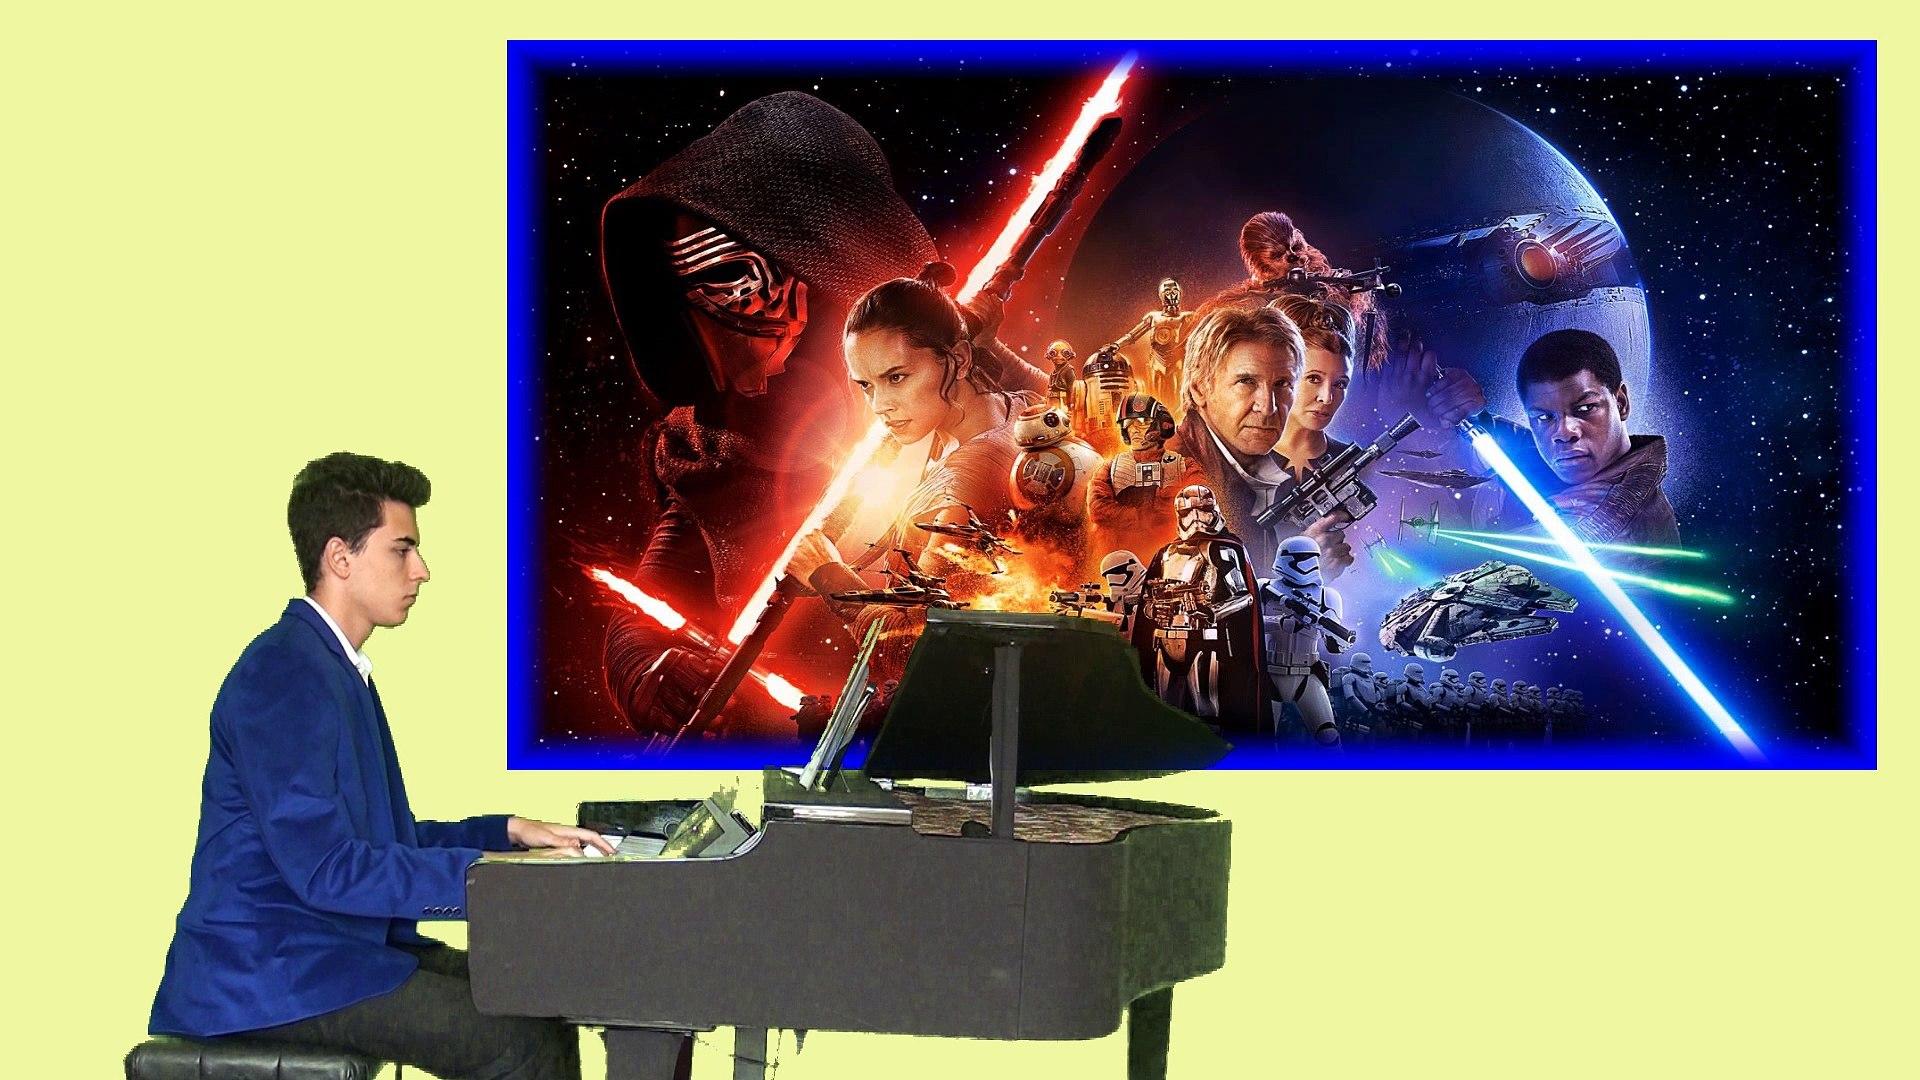 Star Wars 7 (Yıldız Savaşları) Sinema MÜZİKLERİ - JENERİK Müziği FİLM Ünlü Muhteşem Imperial March İ